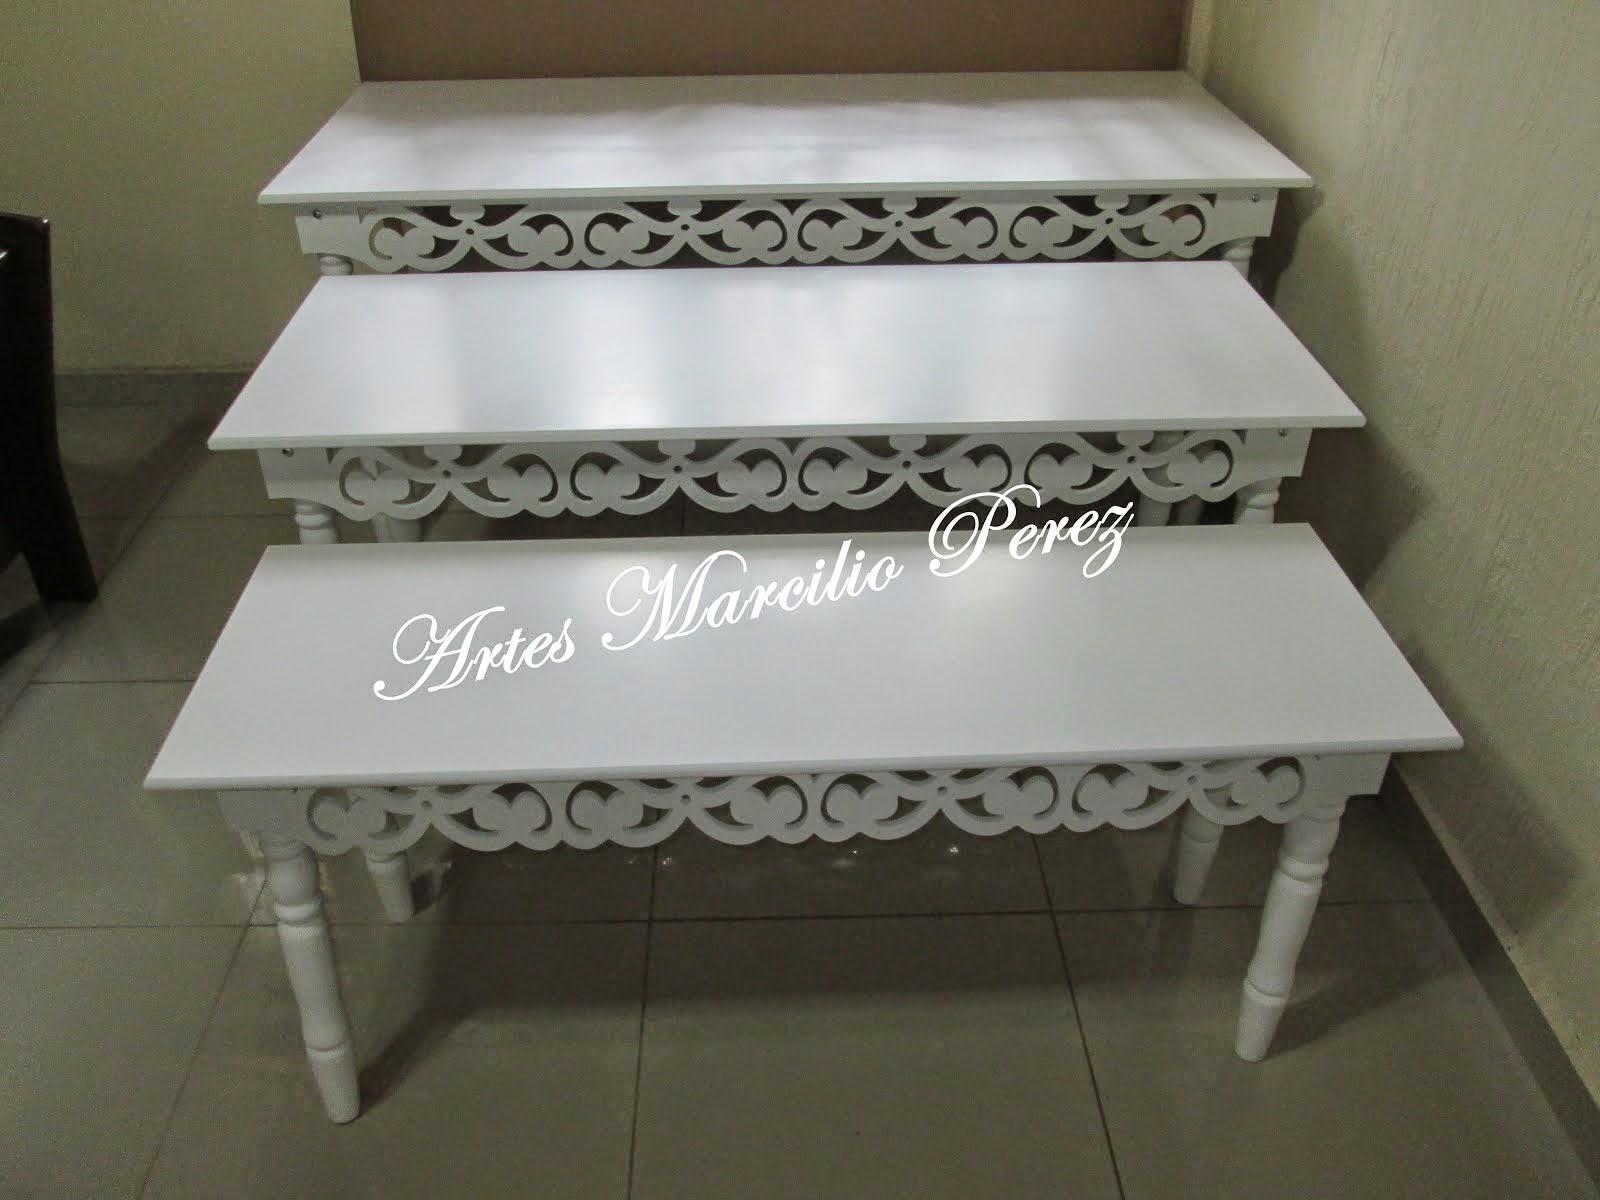 Promoção de lançamento trio de mesas trevos R$ 950,00 medidas 1.85x80x80A, 1.55x60x70A e 1.40x45